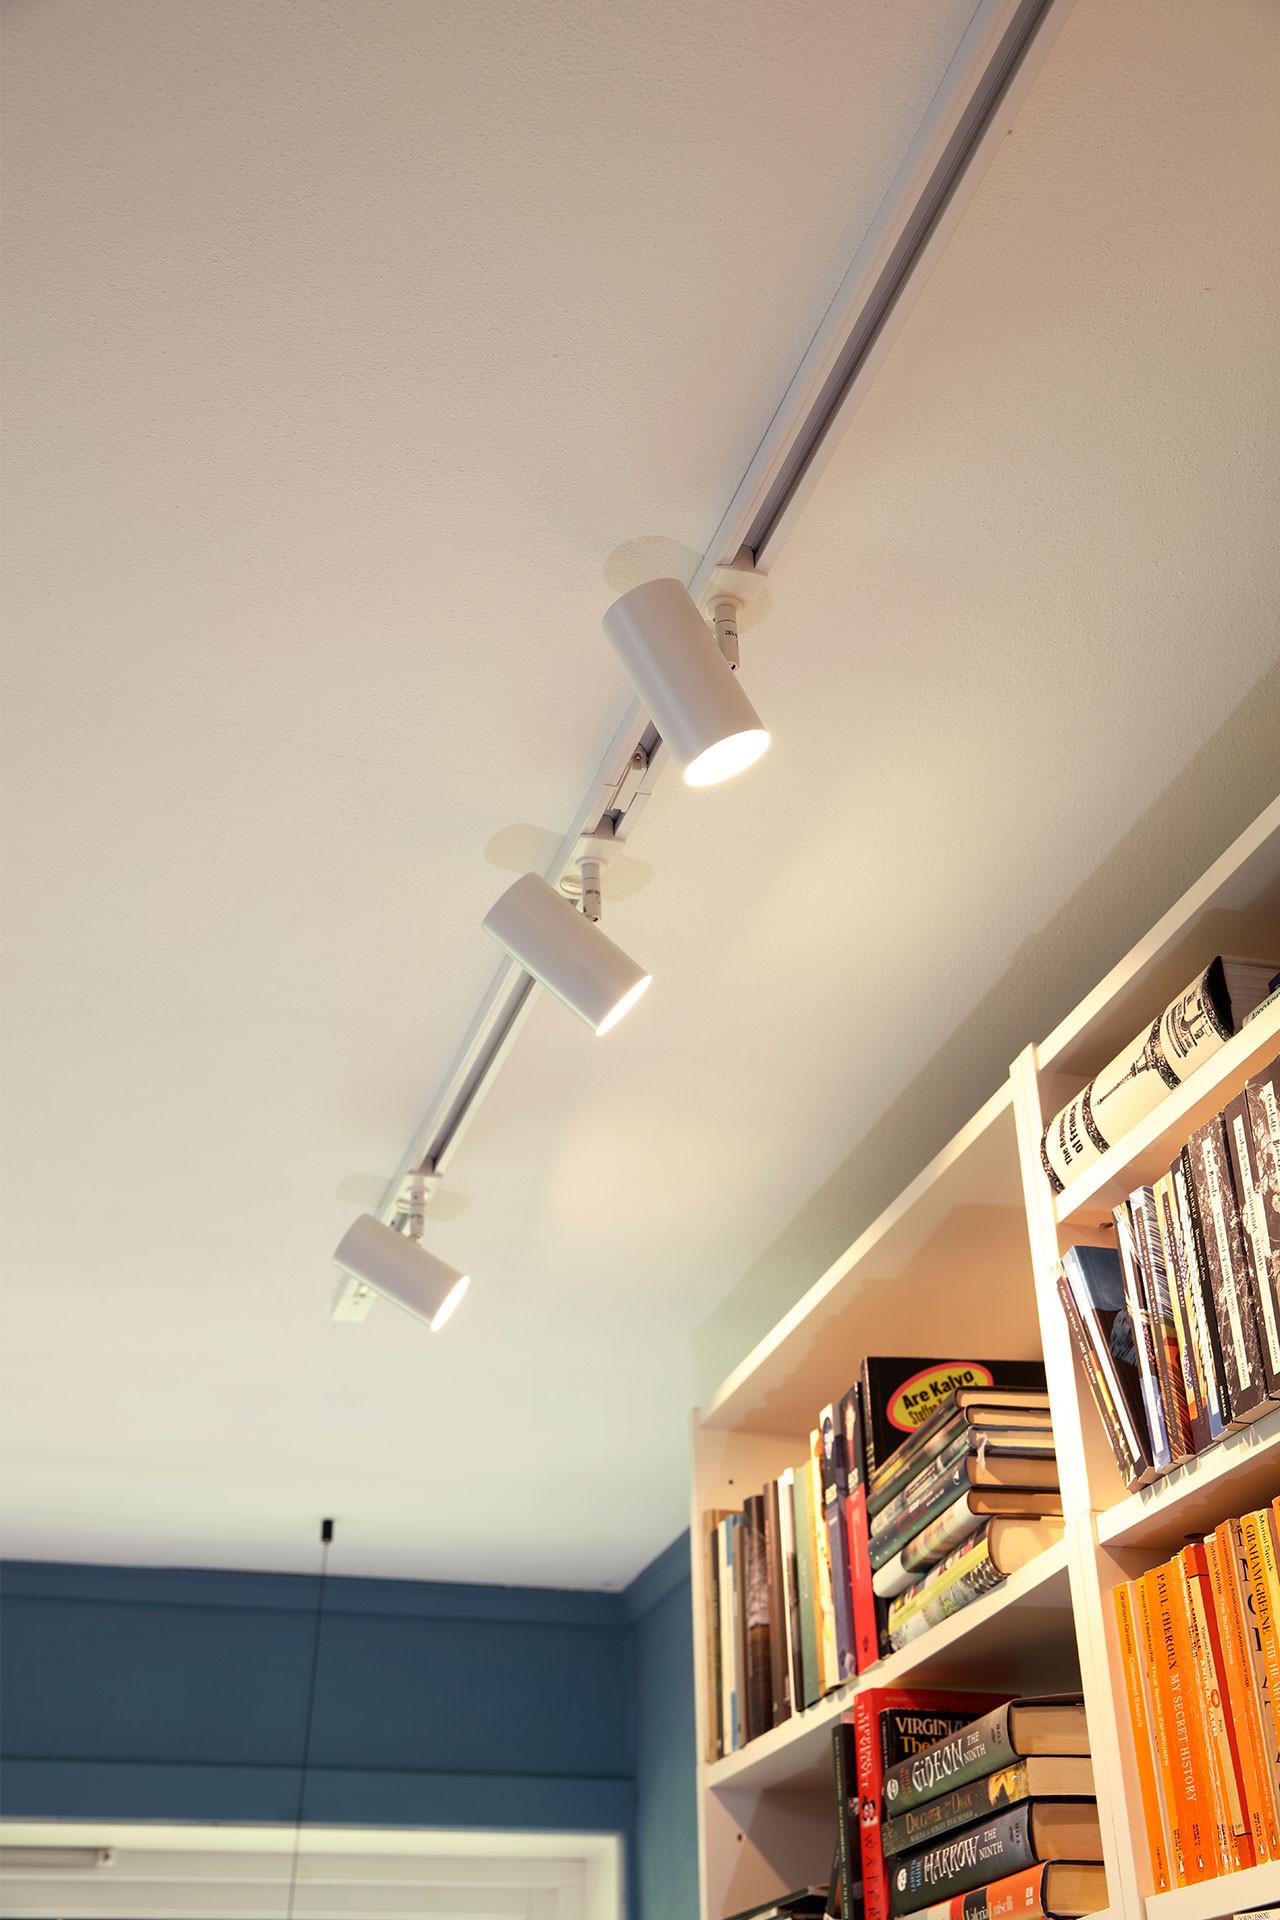 Etterjustering spot/downlight